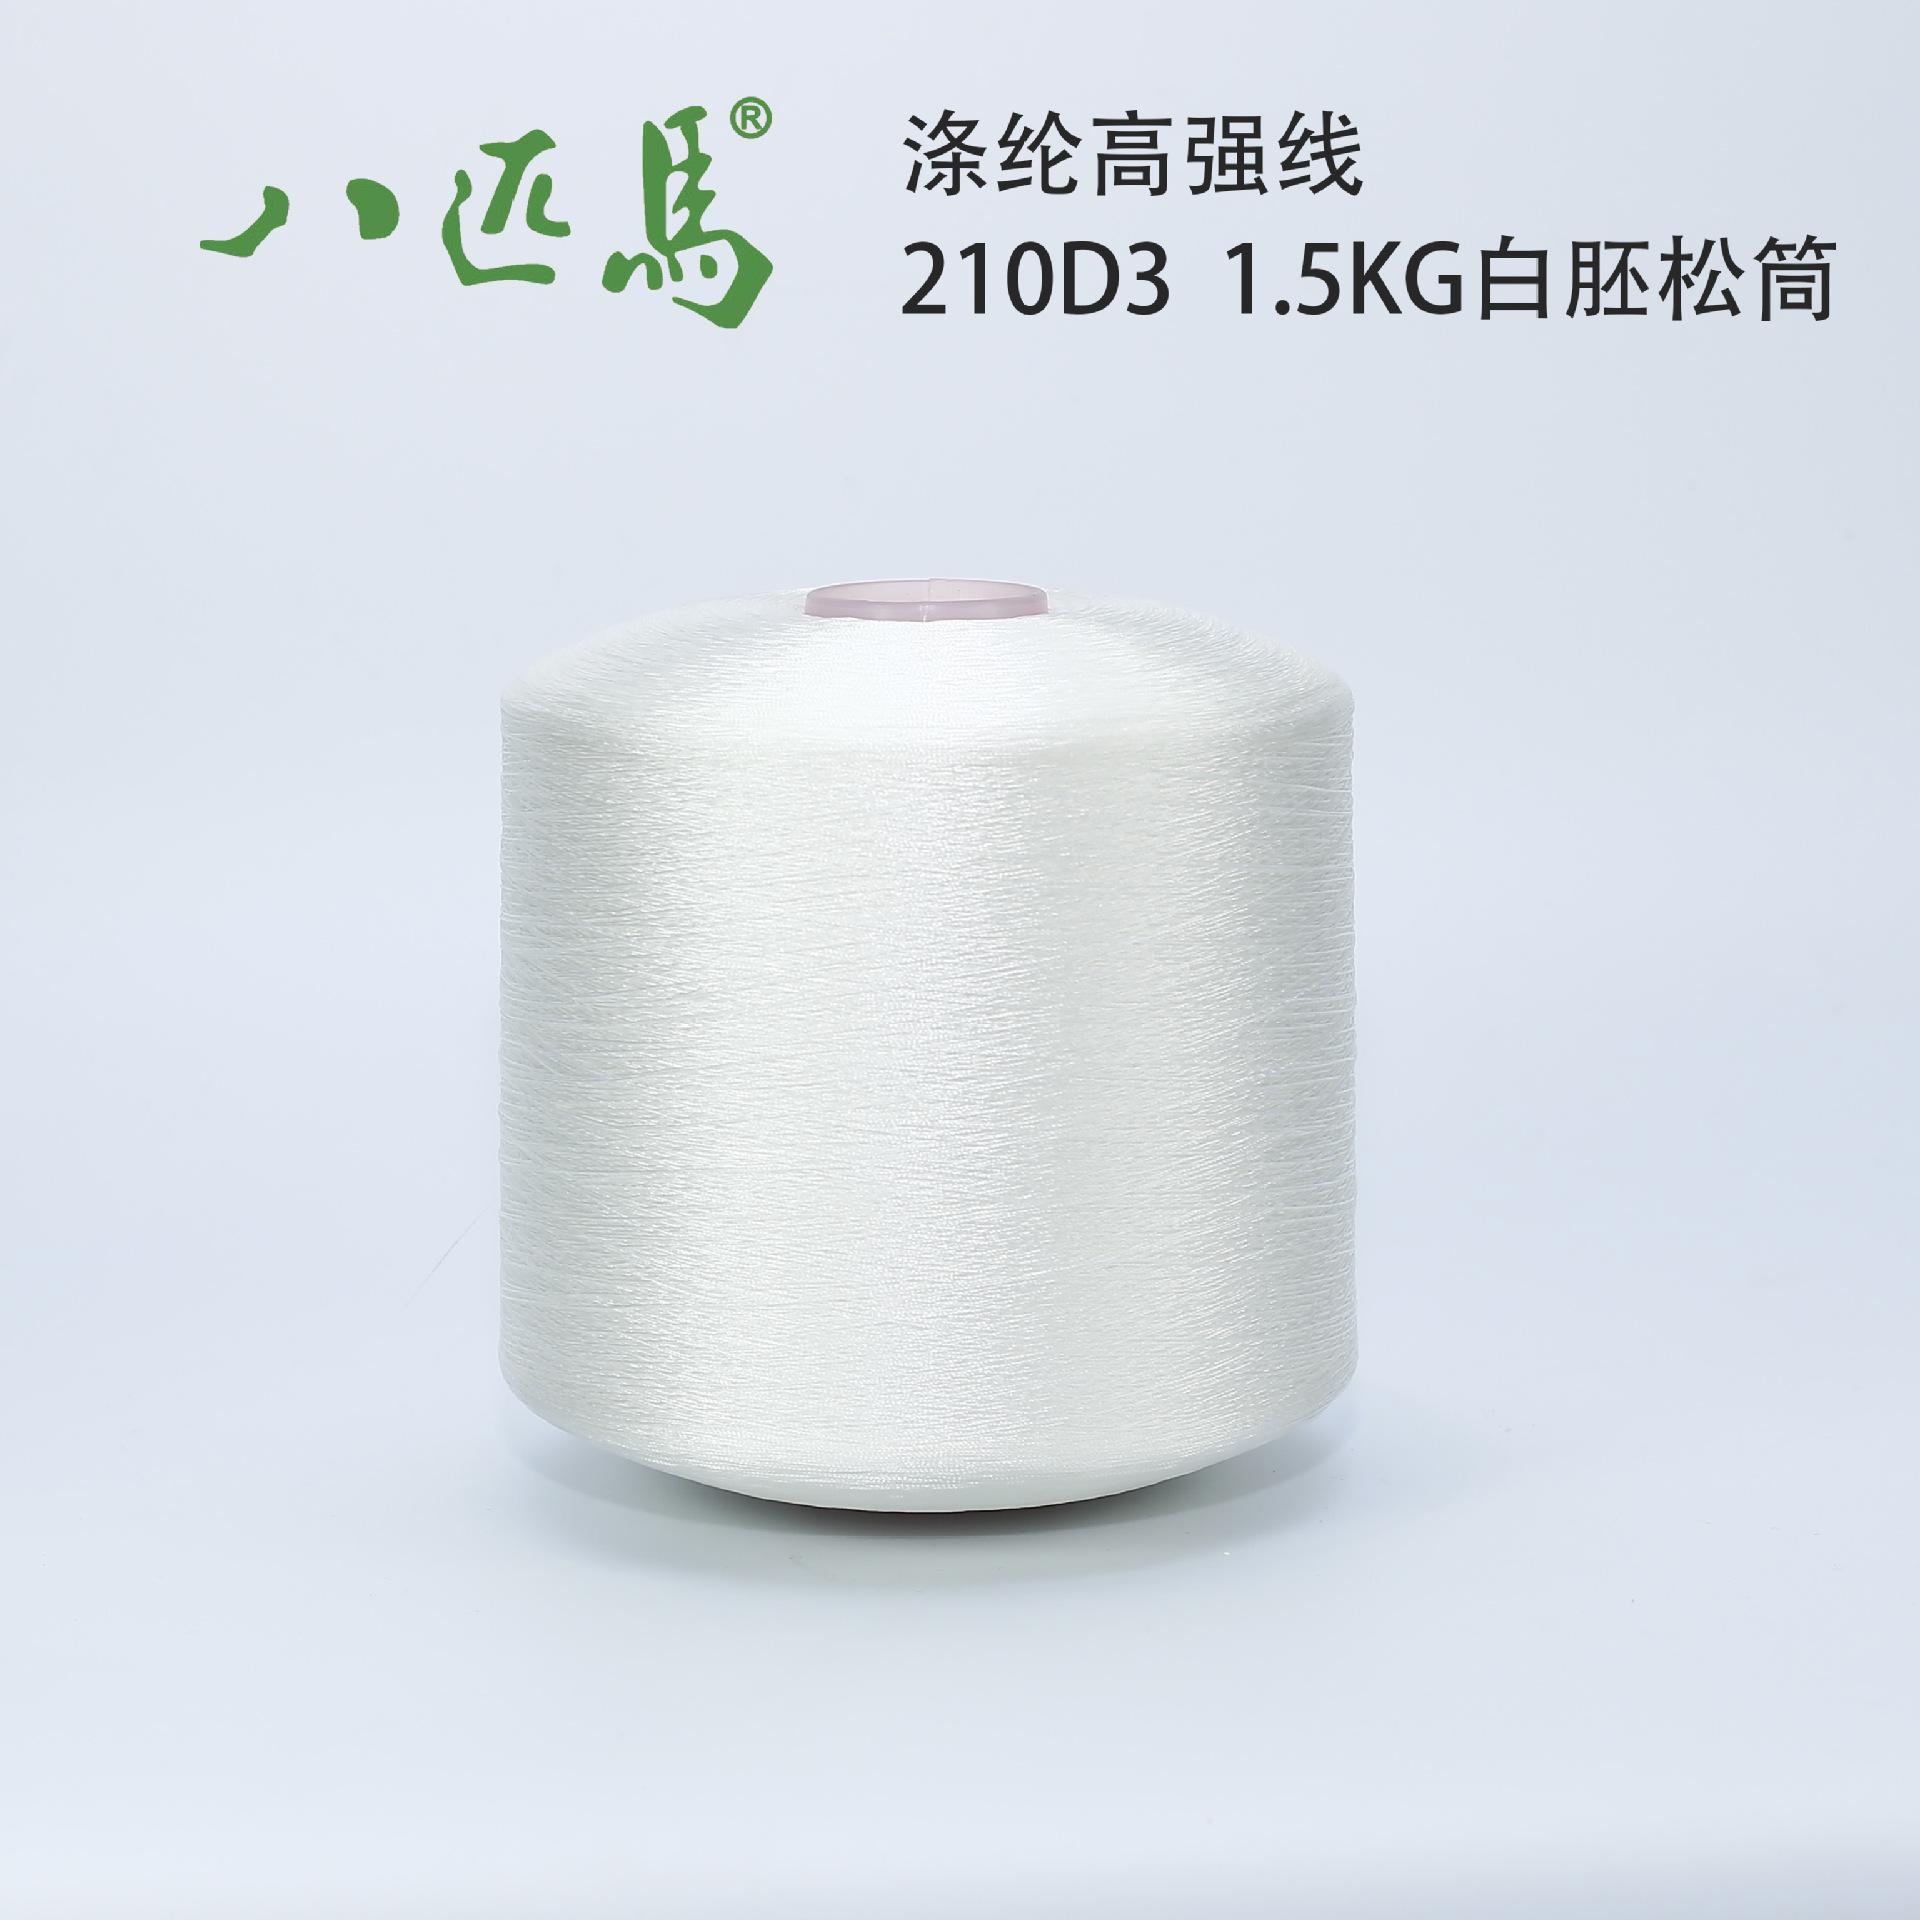 210D / 3 polyester cường độ cao dòng thấp co rút phôi trắng ống lỏng da chủ đề may chủ đề may chủ đề